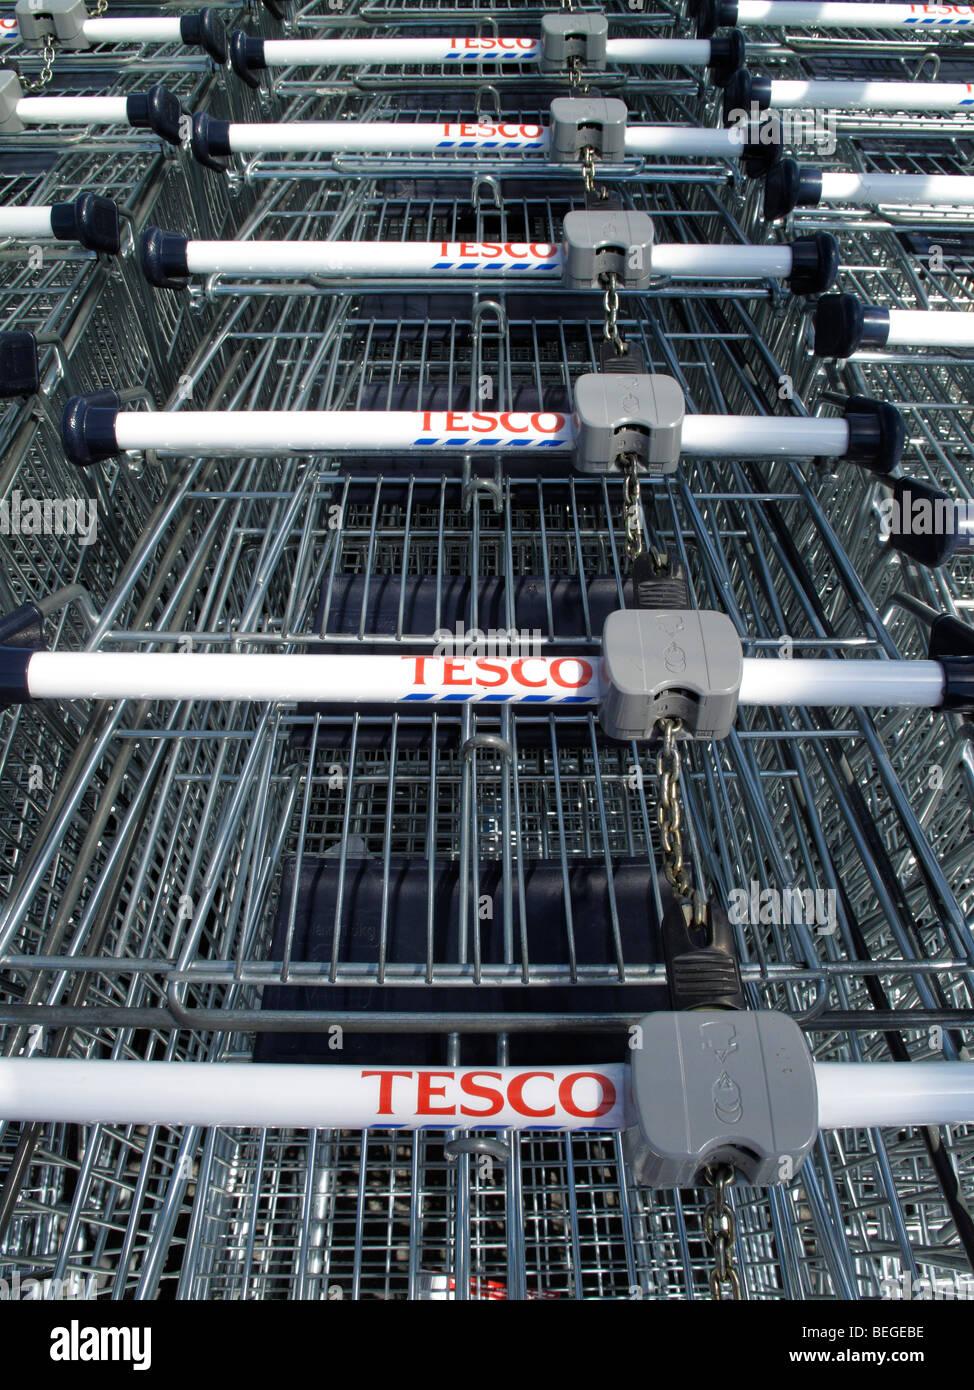 Carrelli di shopping o carrelli per un supermercato Tesco Immagini Stock